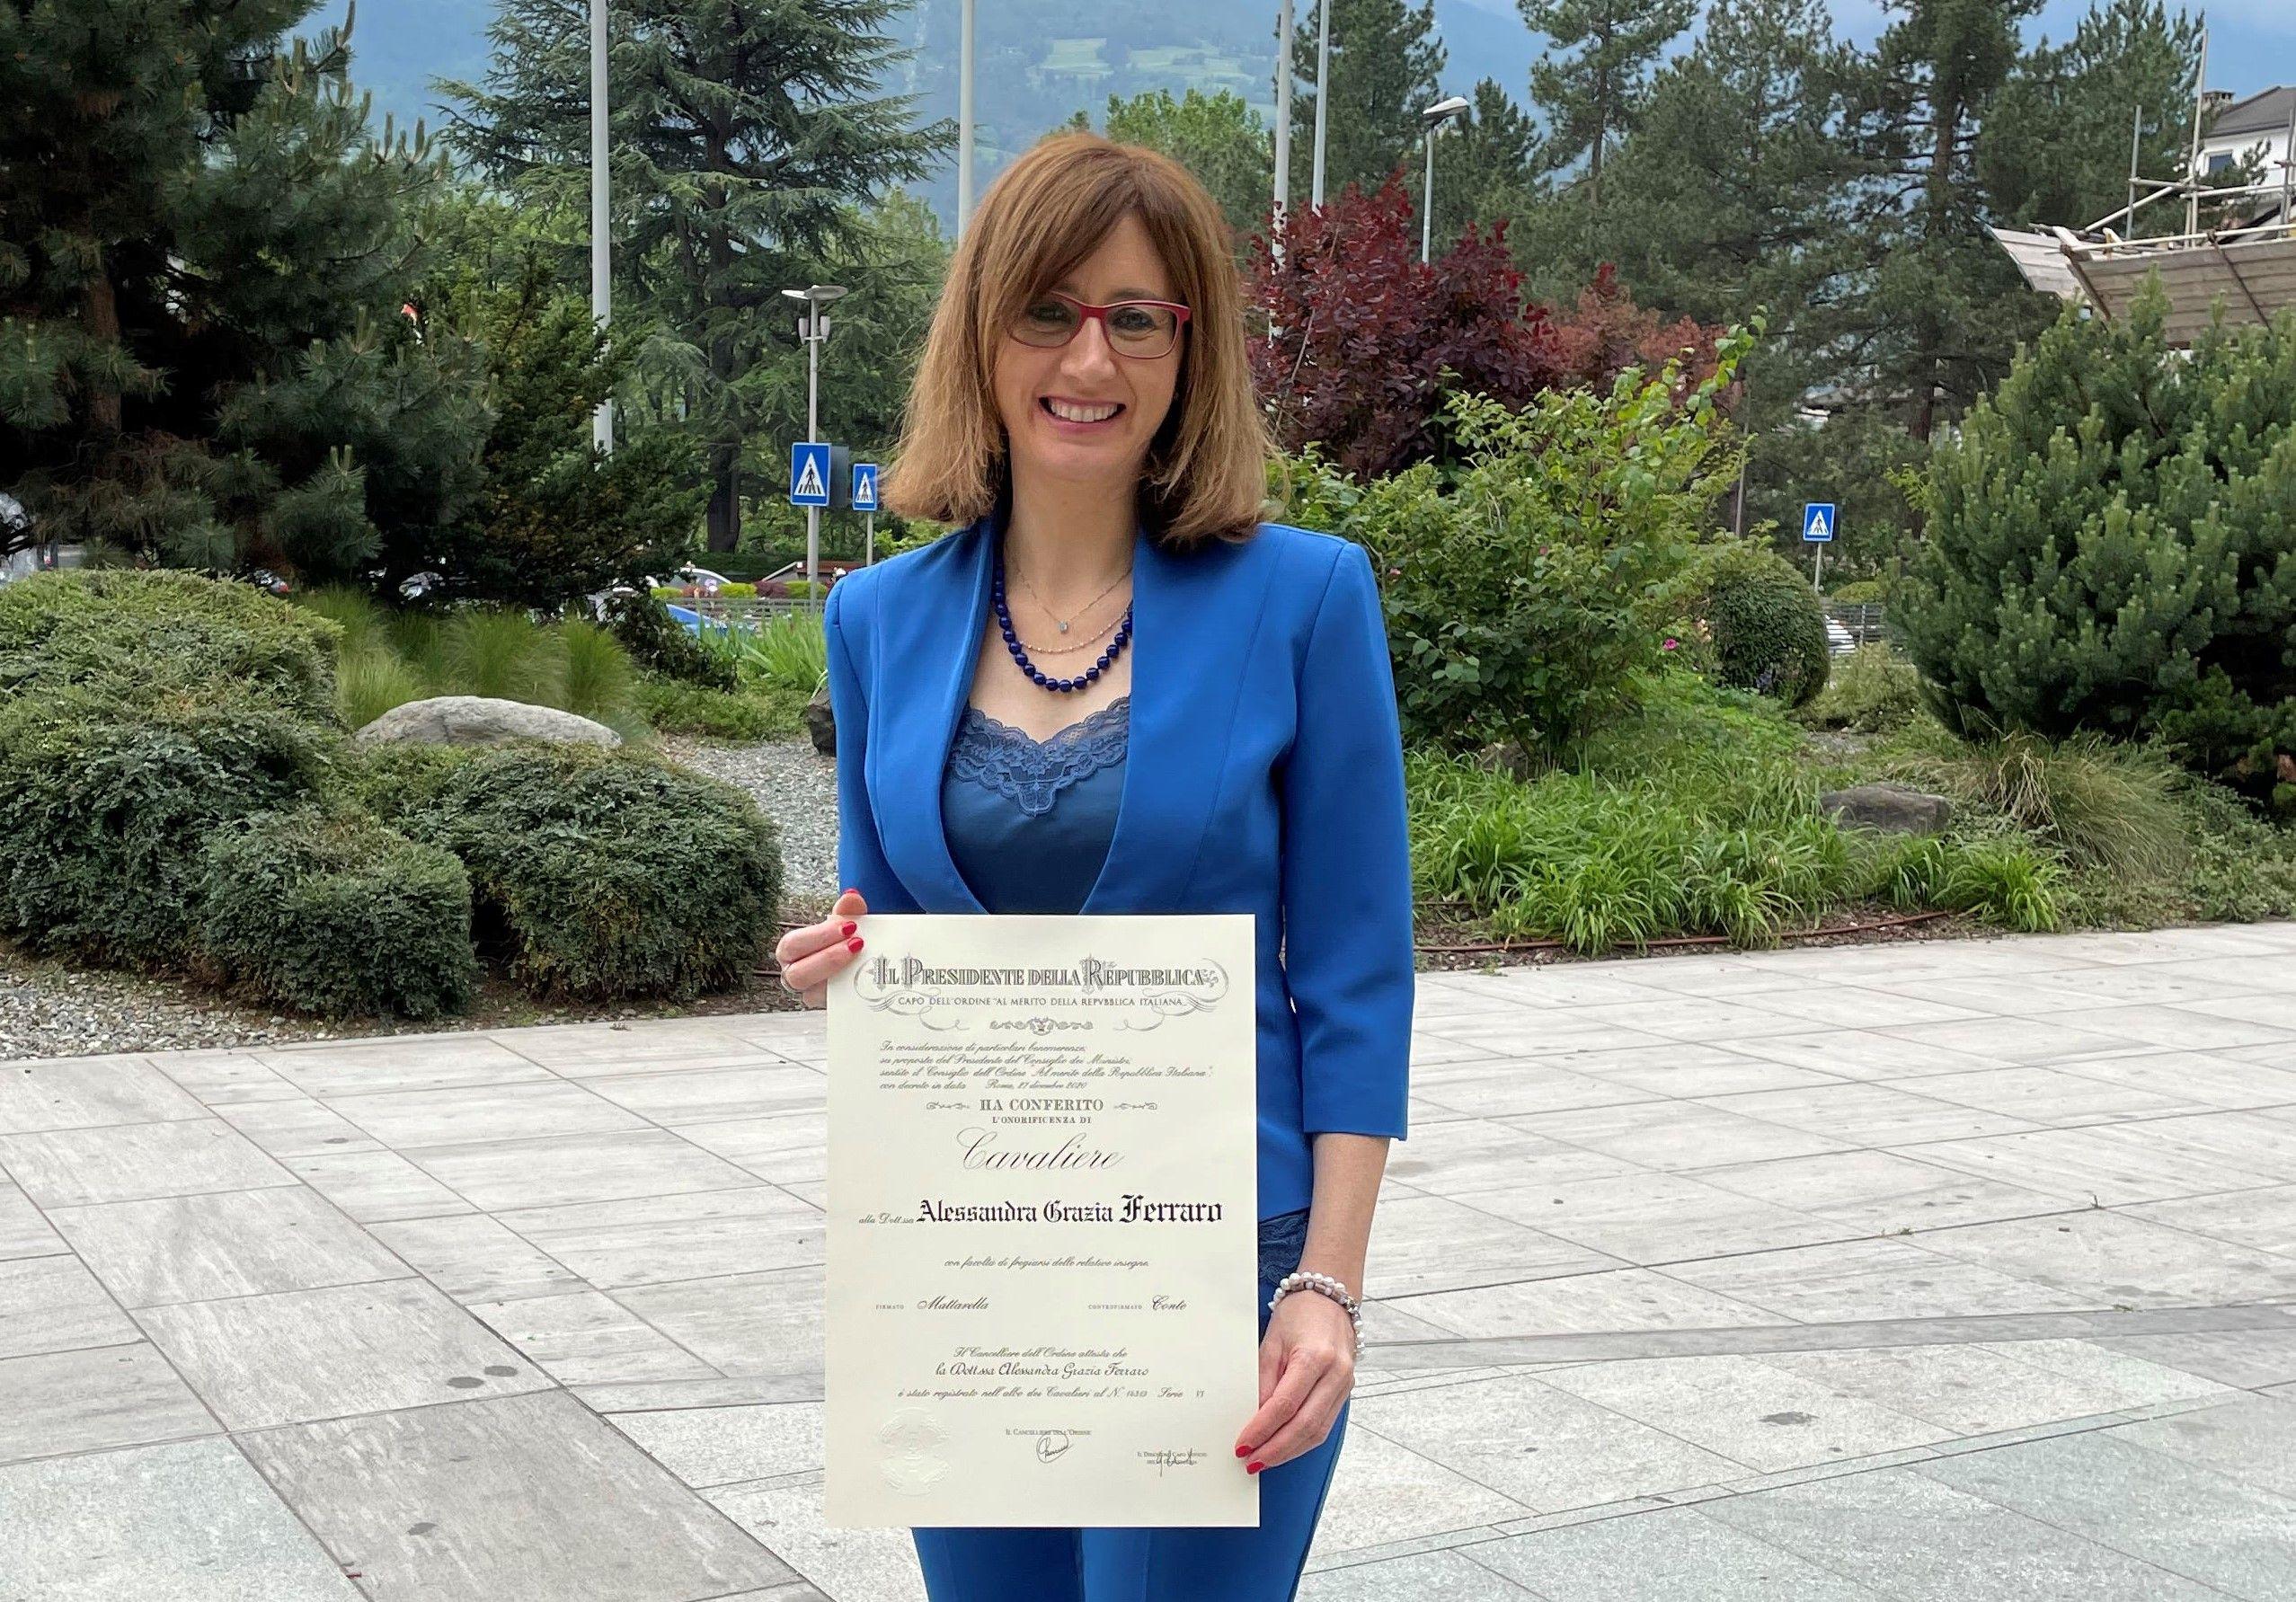 BORGOFRANCO - La canavesana Alessandra Ferraro nominata Cavaliere della Repubblica